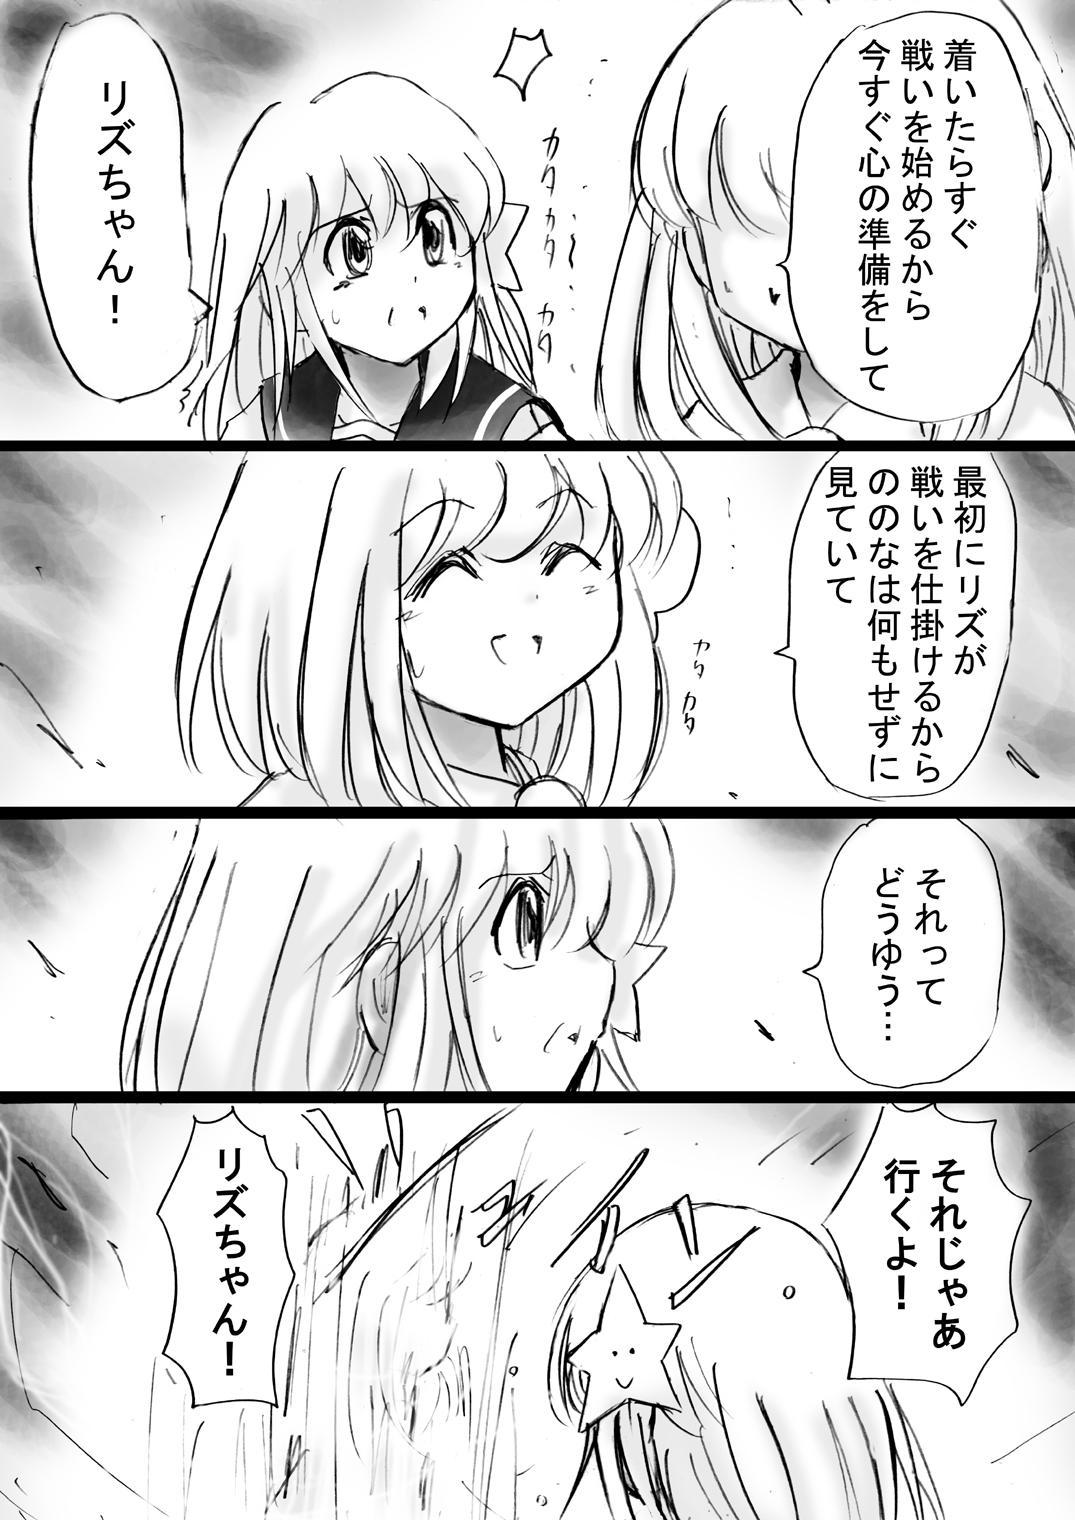 [Dende] Fushigi Sekai -Mystery World- no Nona 17 ~ Taiketsu Fujimi no Dai Inma Dakurasu, Kanzen Sekka no Kyoufu 29